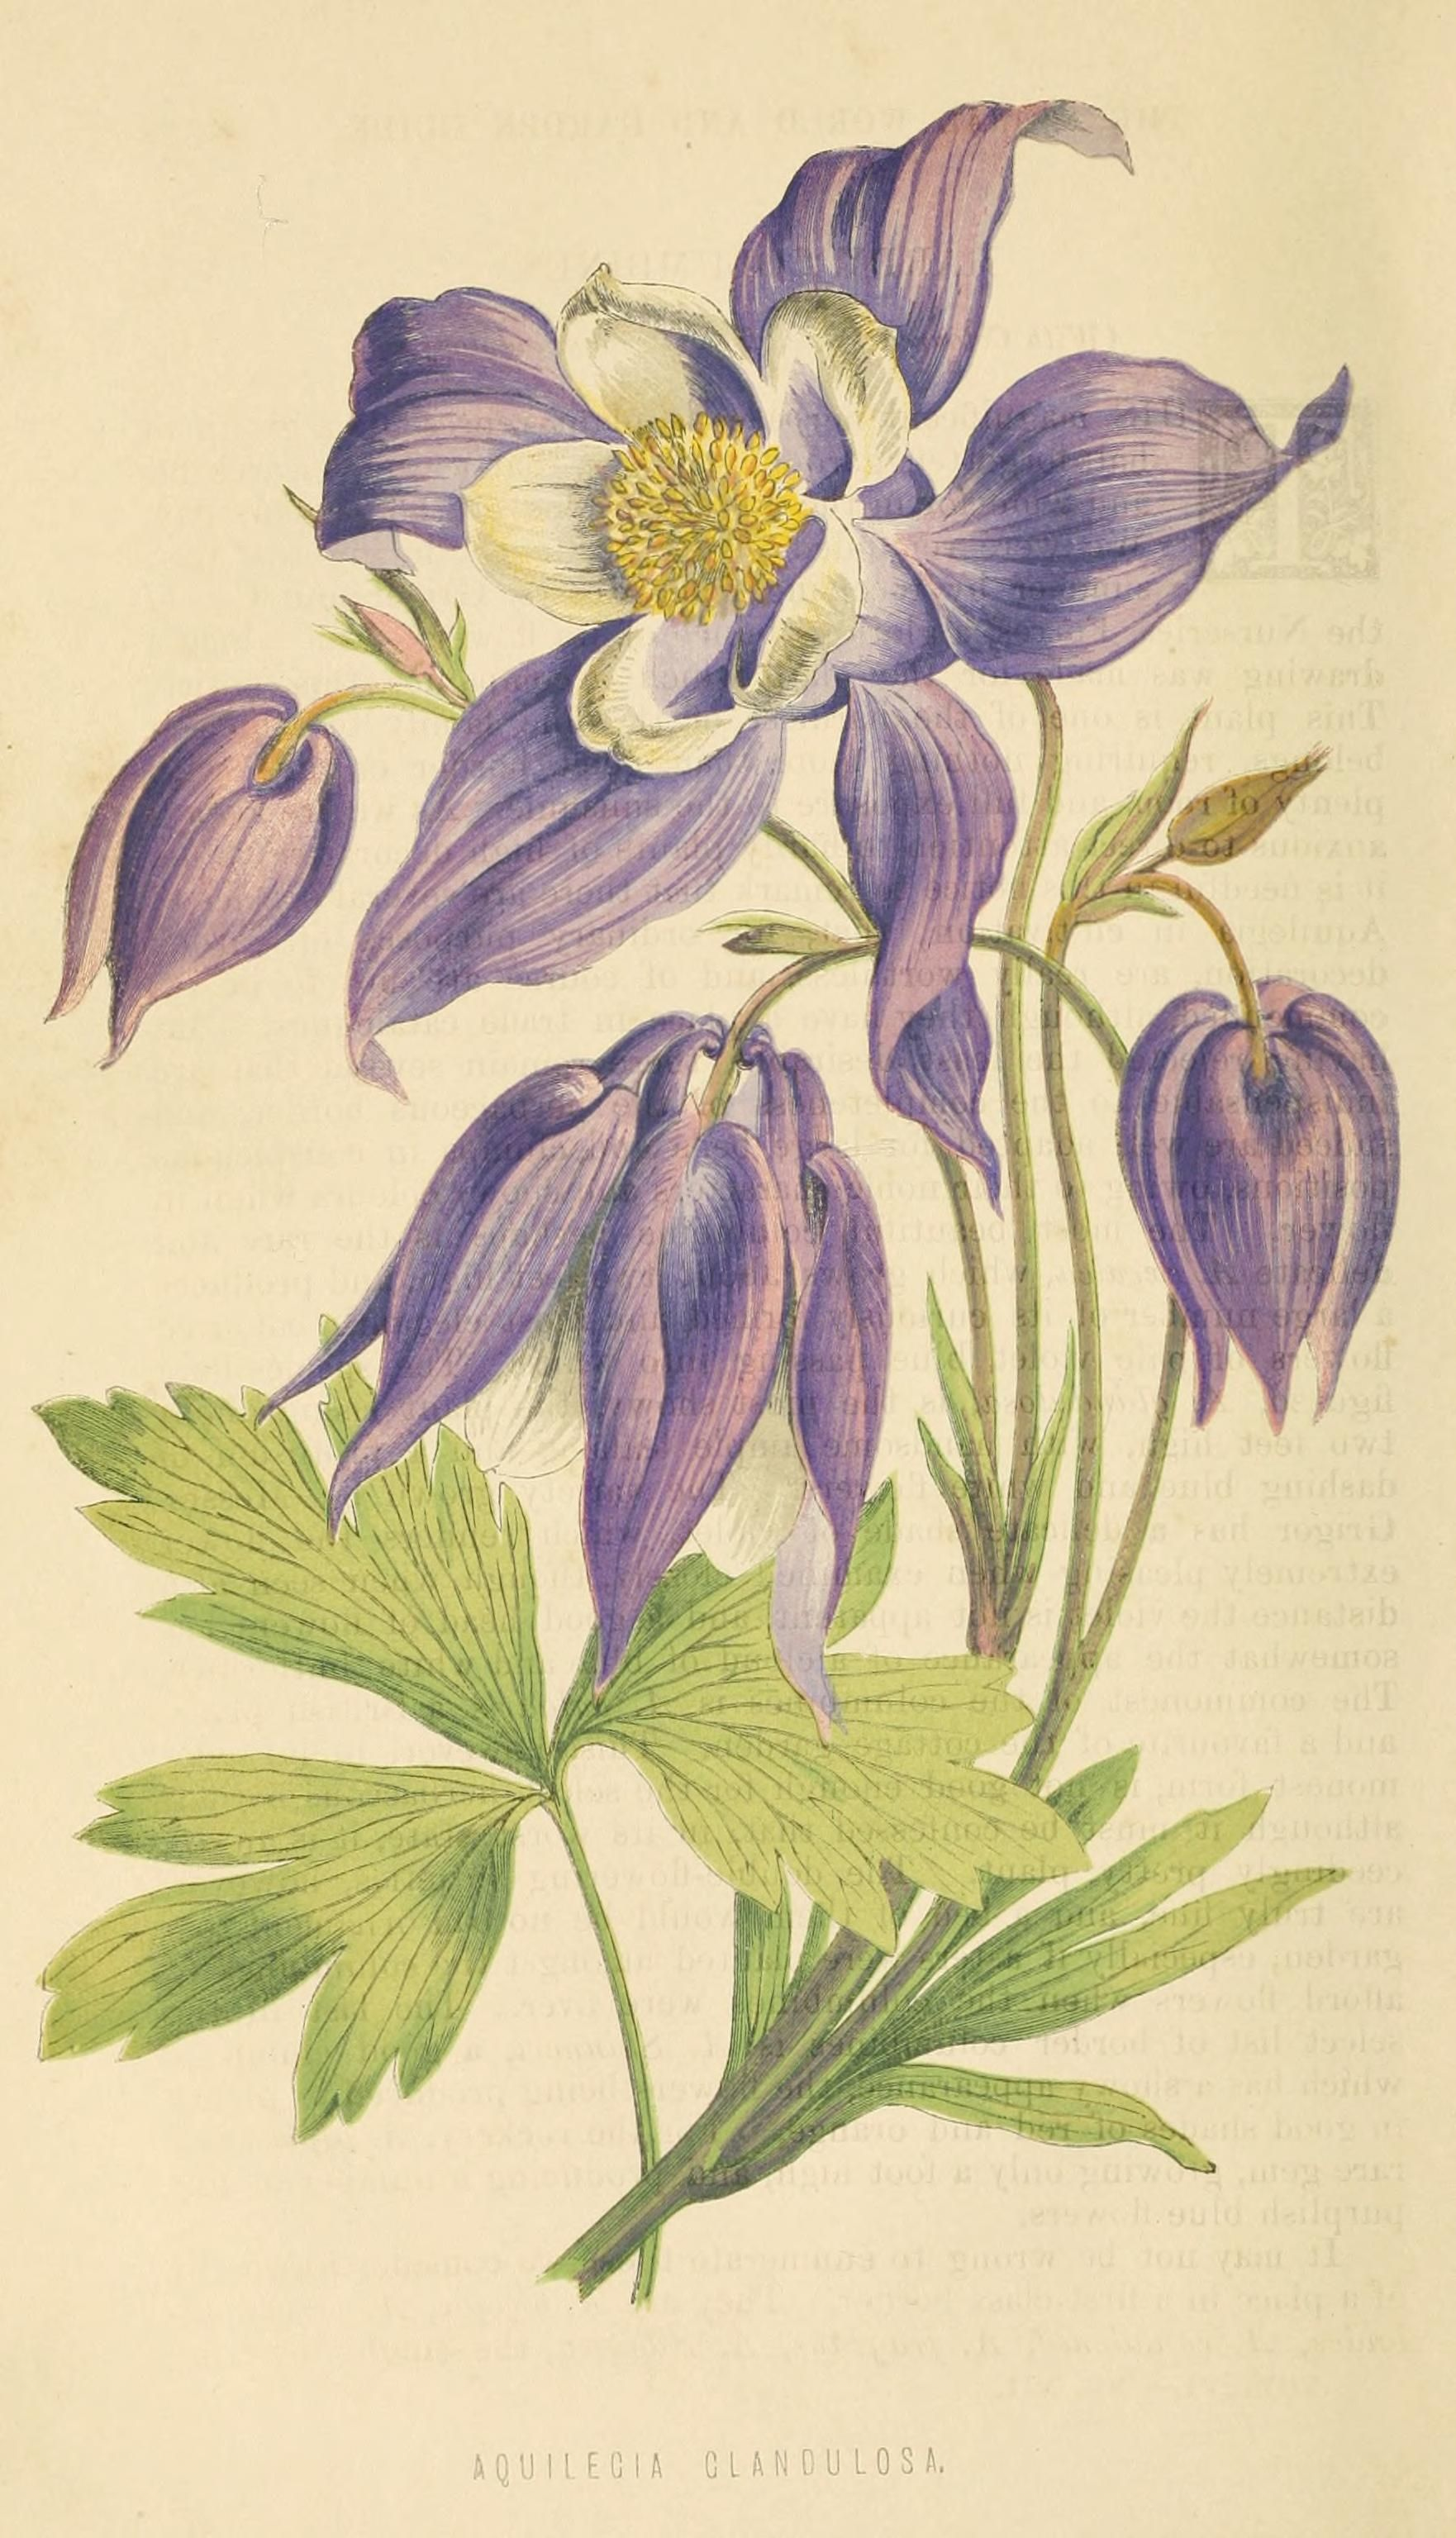 Pin By Alp Bakaev On Vintage Botanical Botanical Illustration Botanical Drawings Botanical Painting